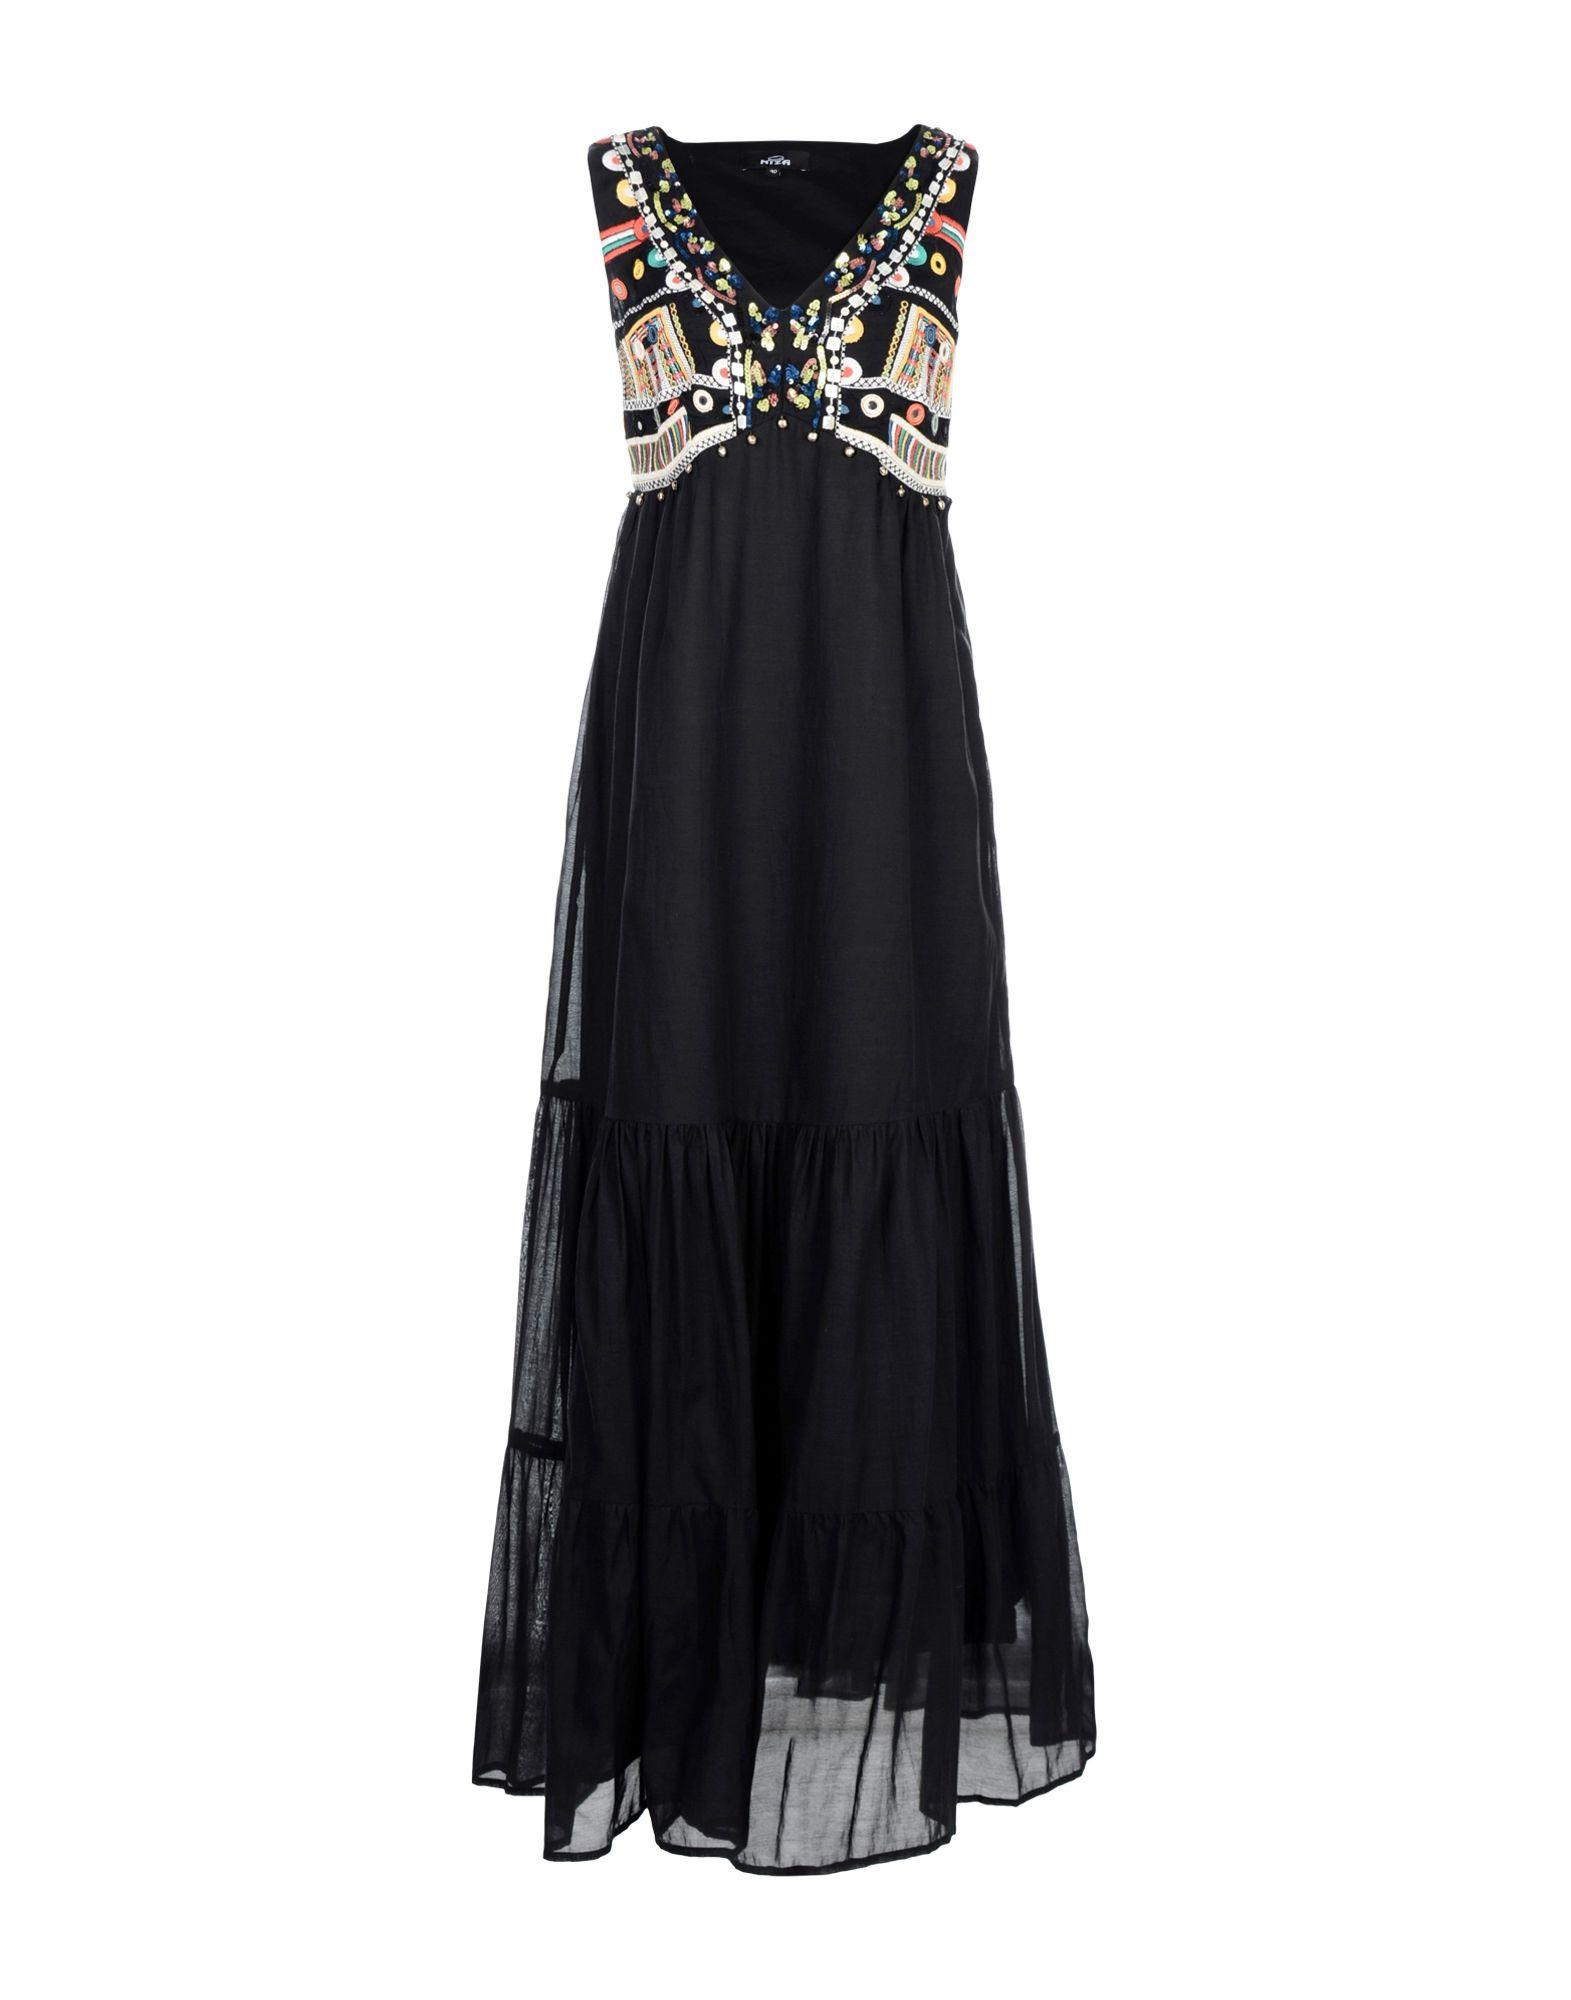 Γυναικεία Μακριά Φορέματα - Φθηνότερα Προϊόντα - Σελίδα 66  465cf246733